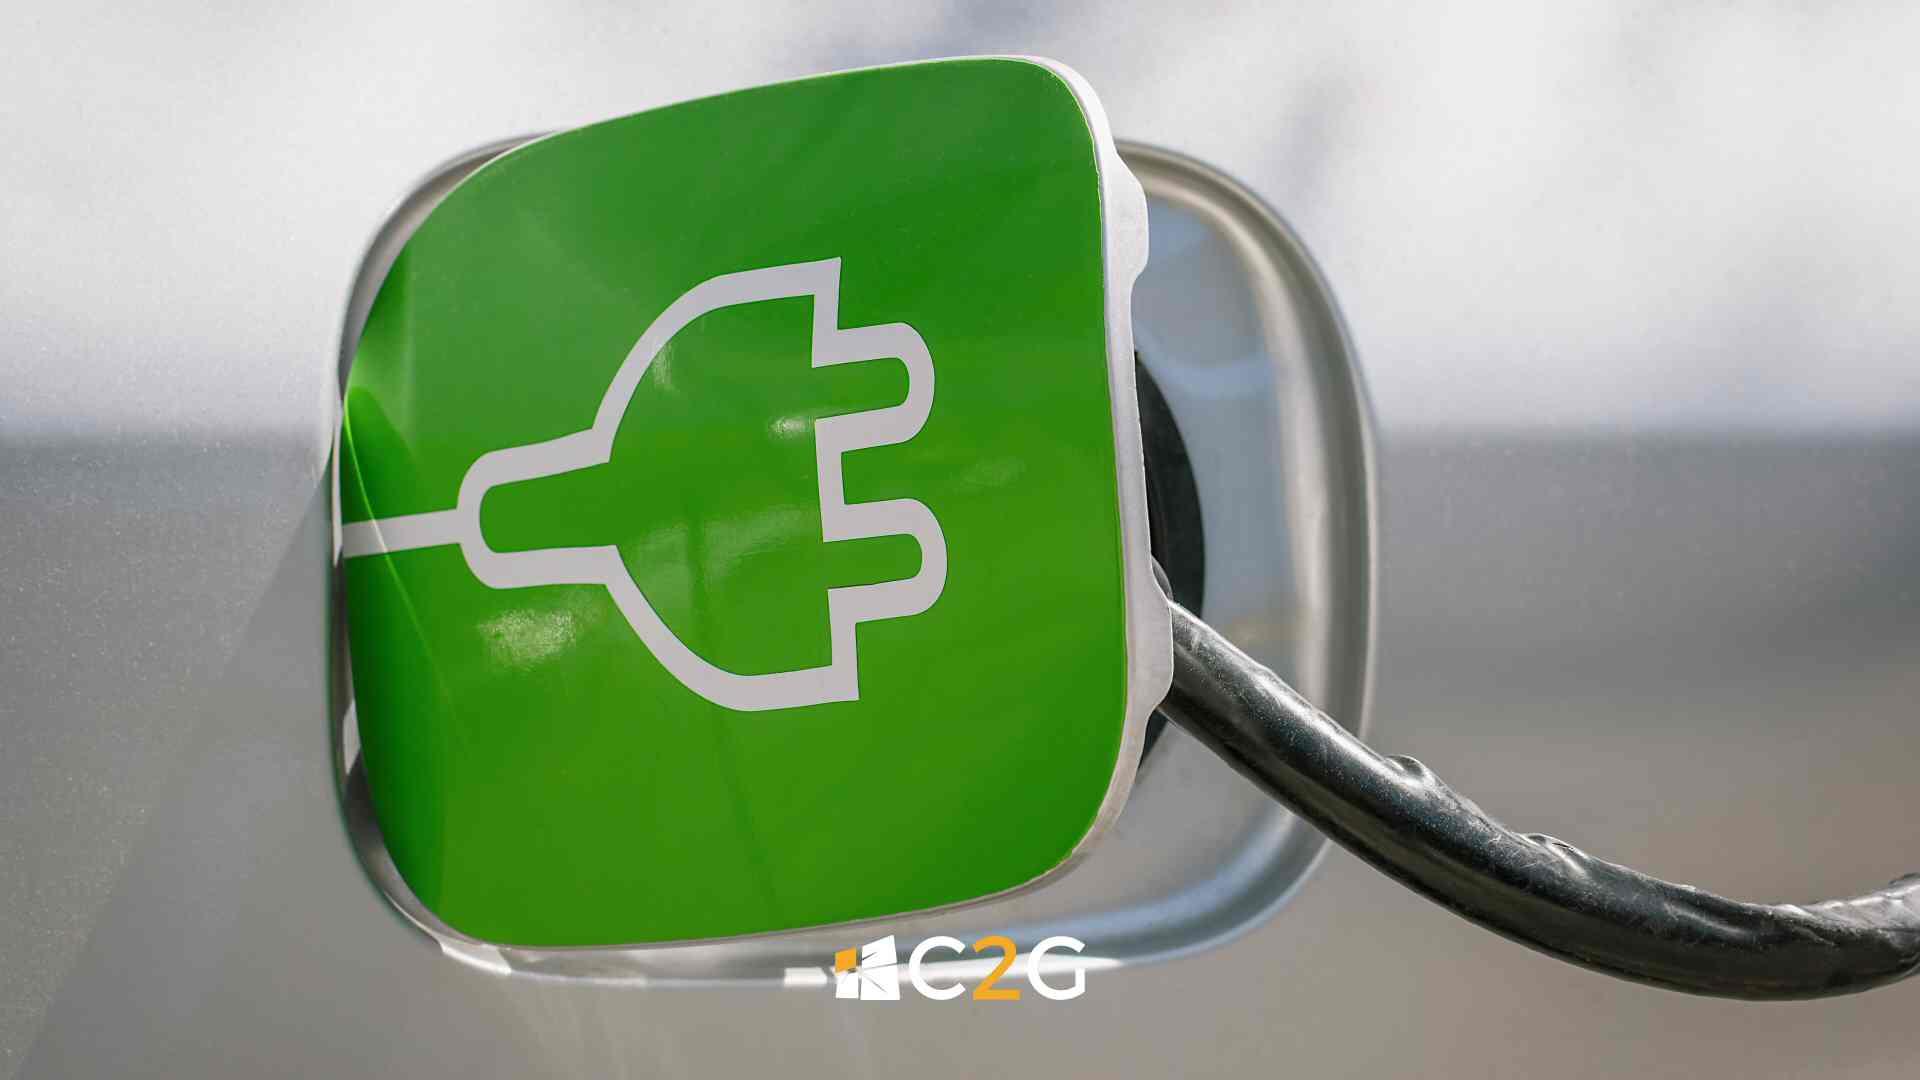 Preventivo colonnine ricarica auto elettriche Lecco, Bergamo, Monza e Brianza - C2G Solar